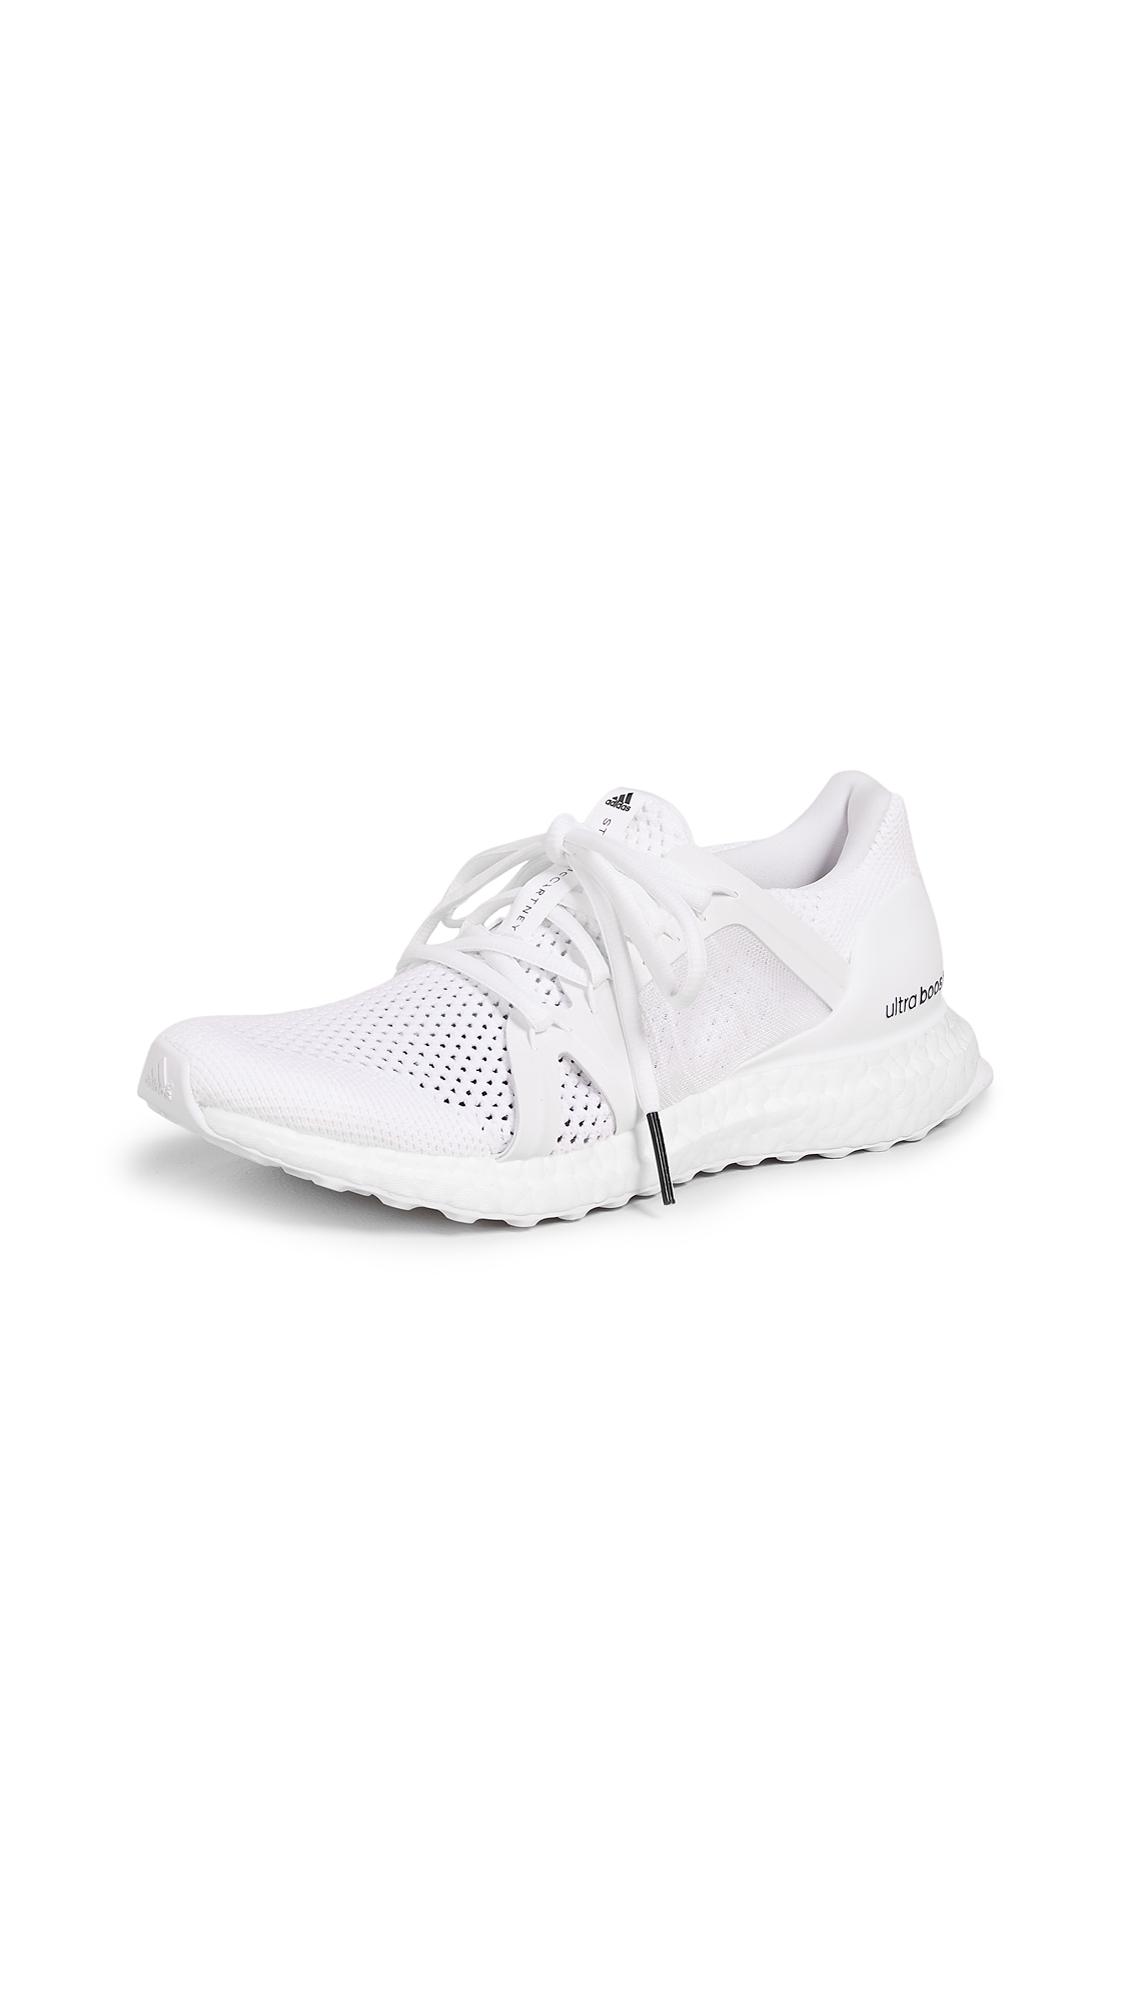 9. adidas by stella mccartney ultraboost sneakers -